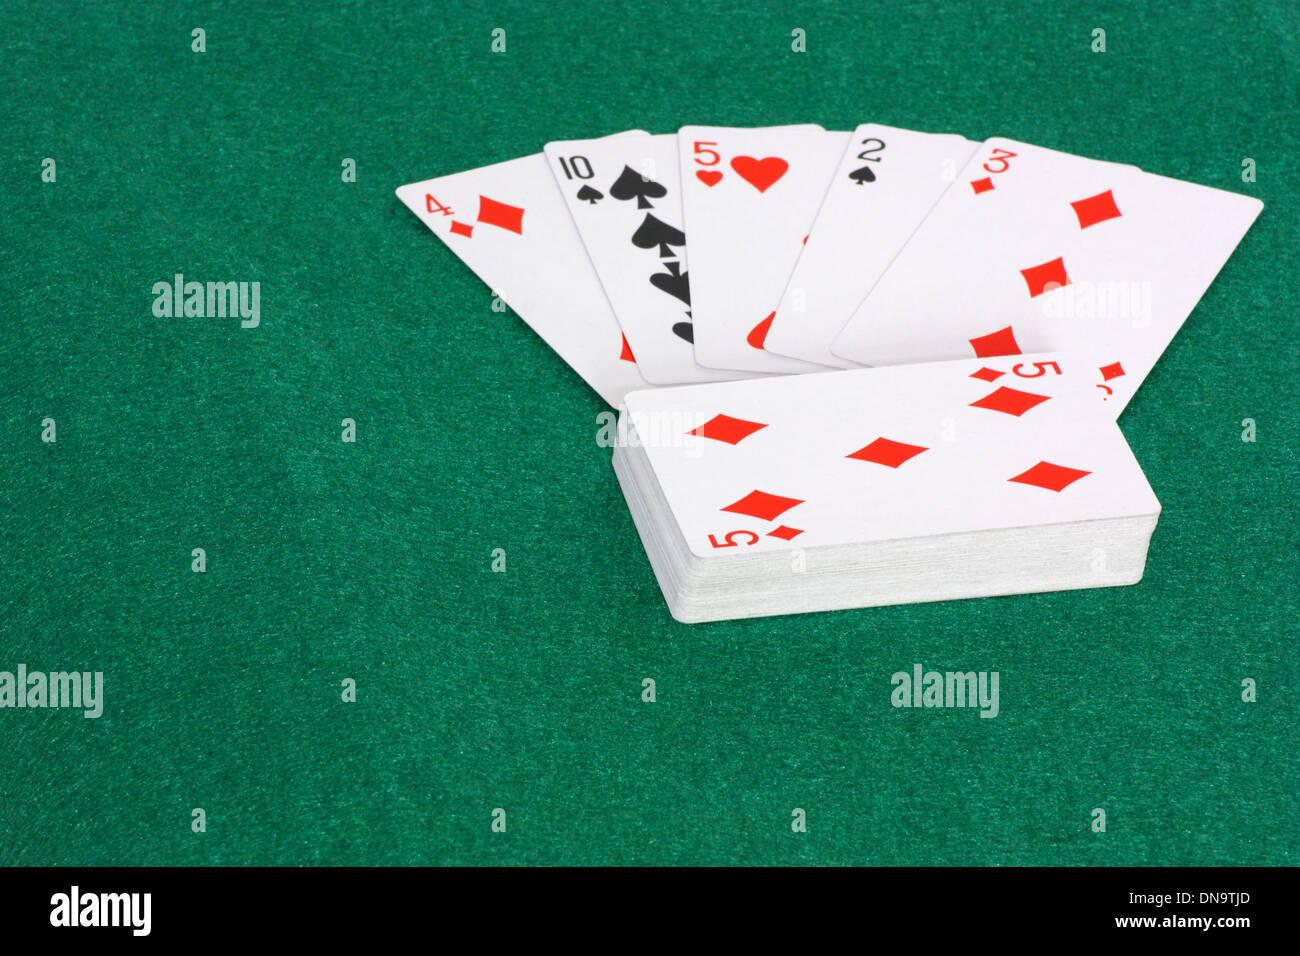 Une image montrant la notion de hasard et de chance dans un jeu de cartes Photo Stock